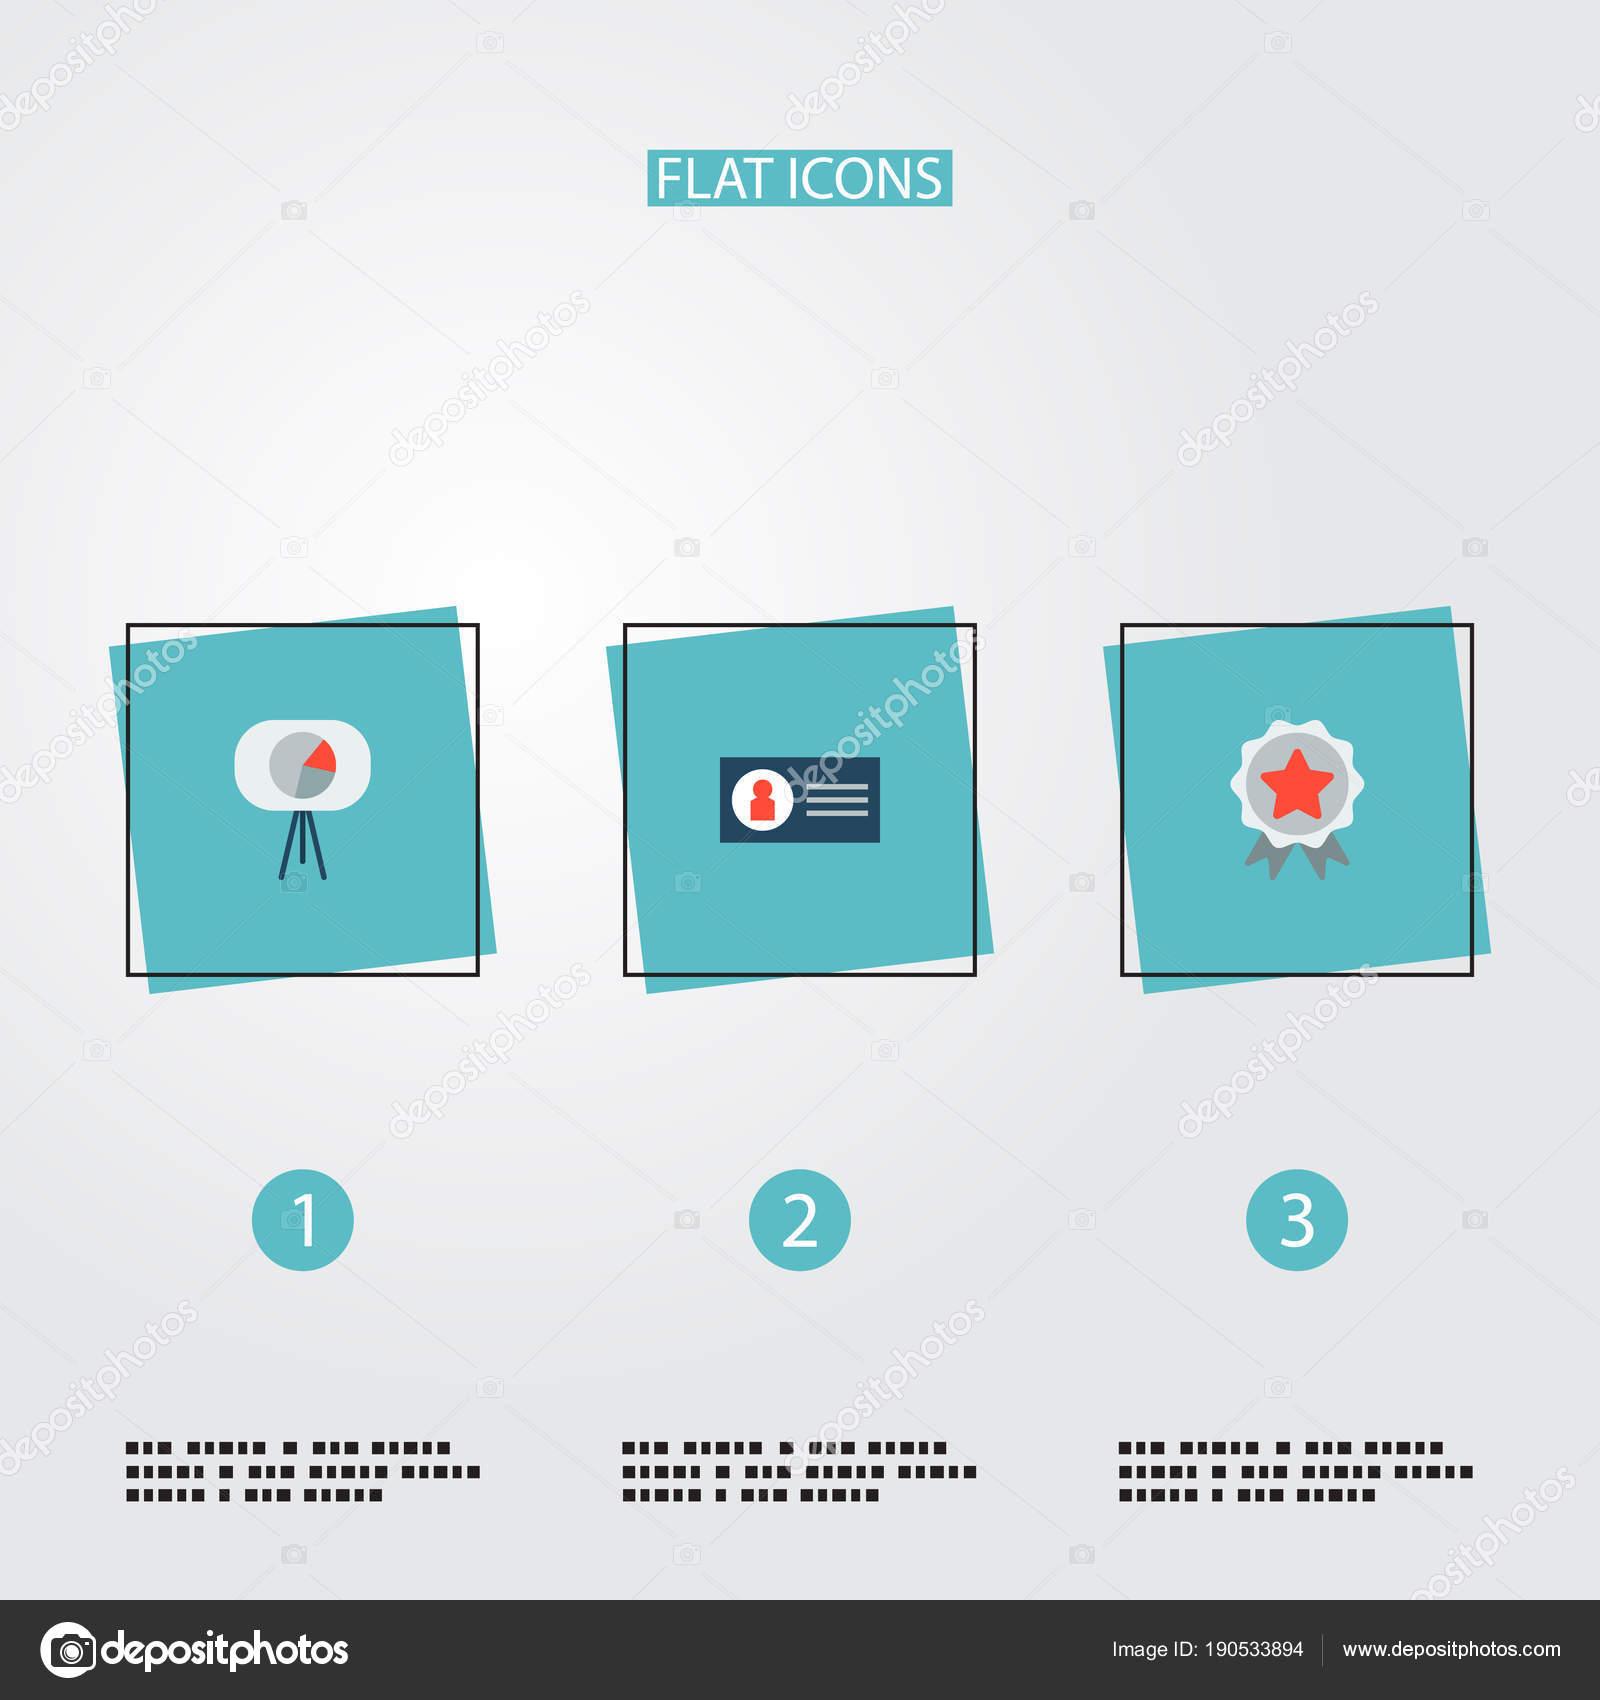 De Plat Style Icnes Marketing Campagne Carte Visite Des Sensibilisation Marque Pour Votre Cration Logo Web Application Mobile